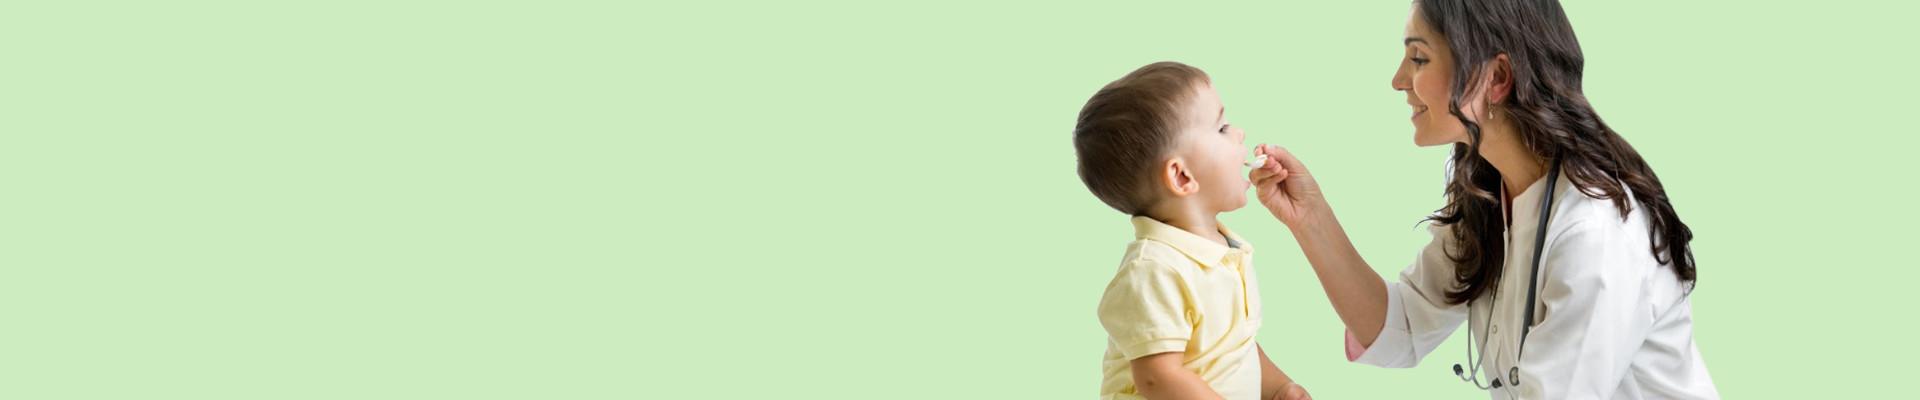 Jual Aneka Obat Bayi Merk Terbaik & Terpercaya